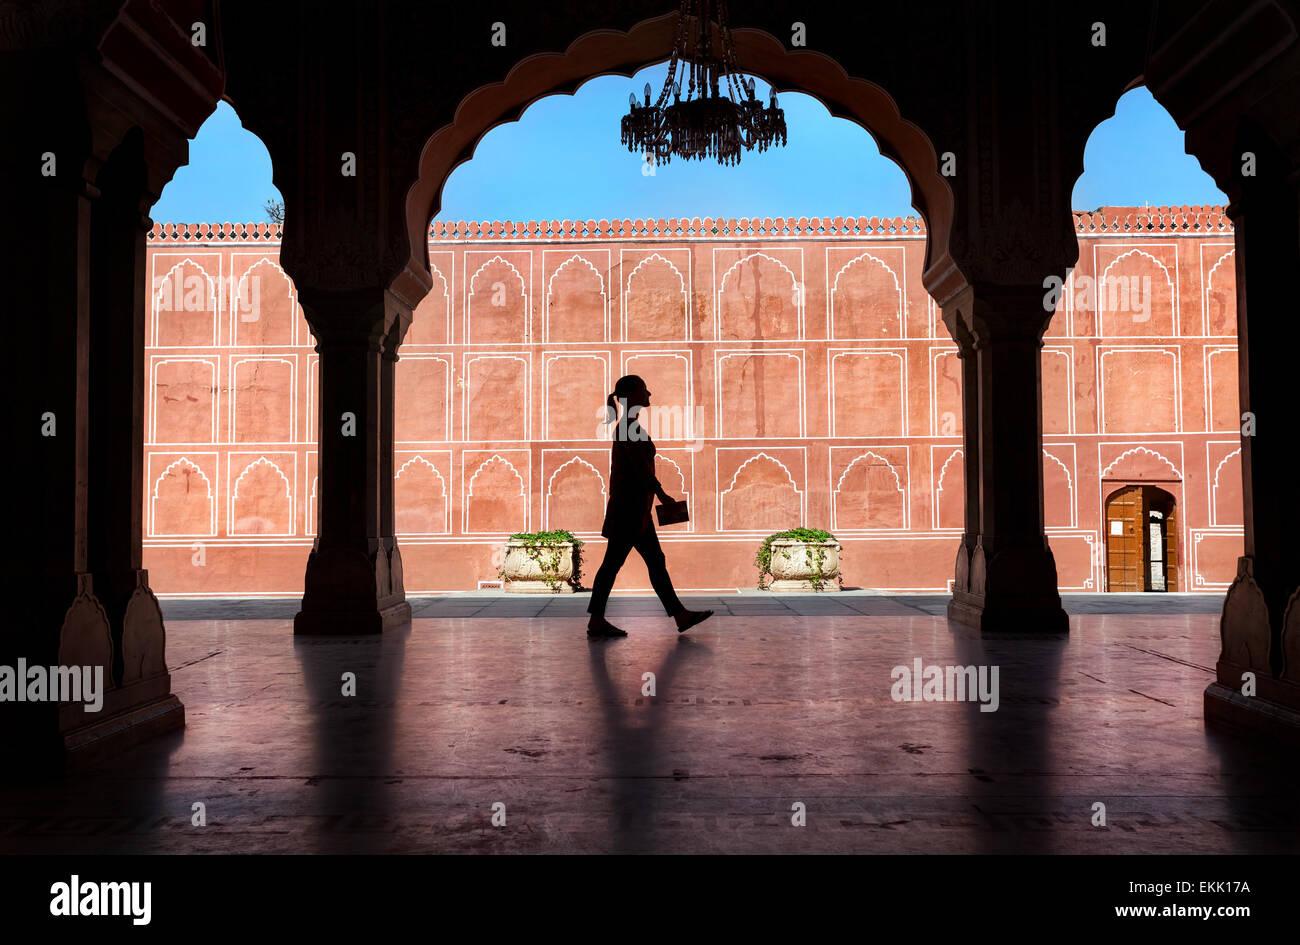 Mujer silueta con guía caminando en el museo del palacio, de la ciudad de Jaipur, Rajasthan, India Imagen De Stock